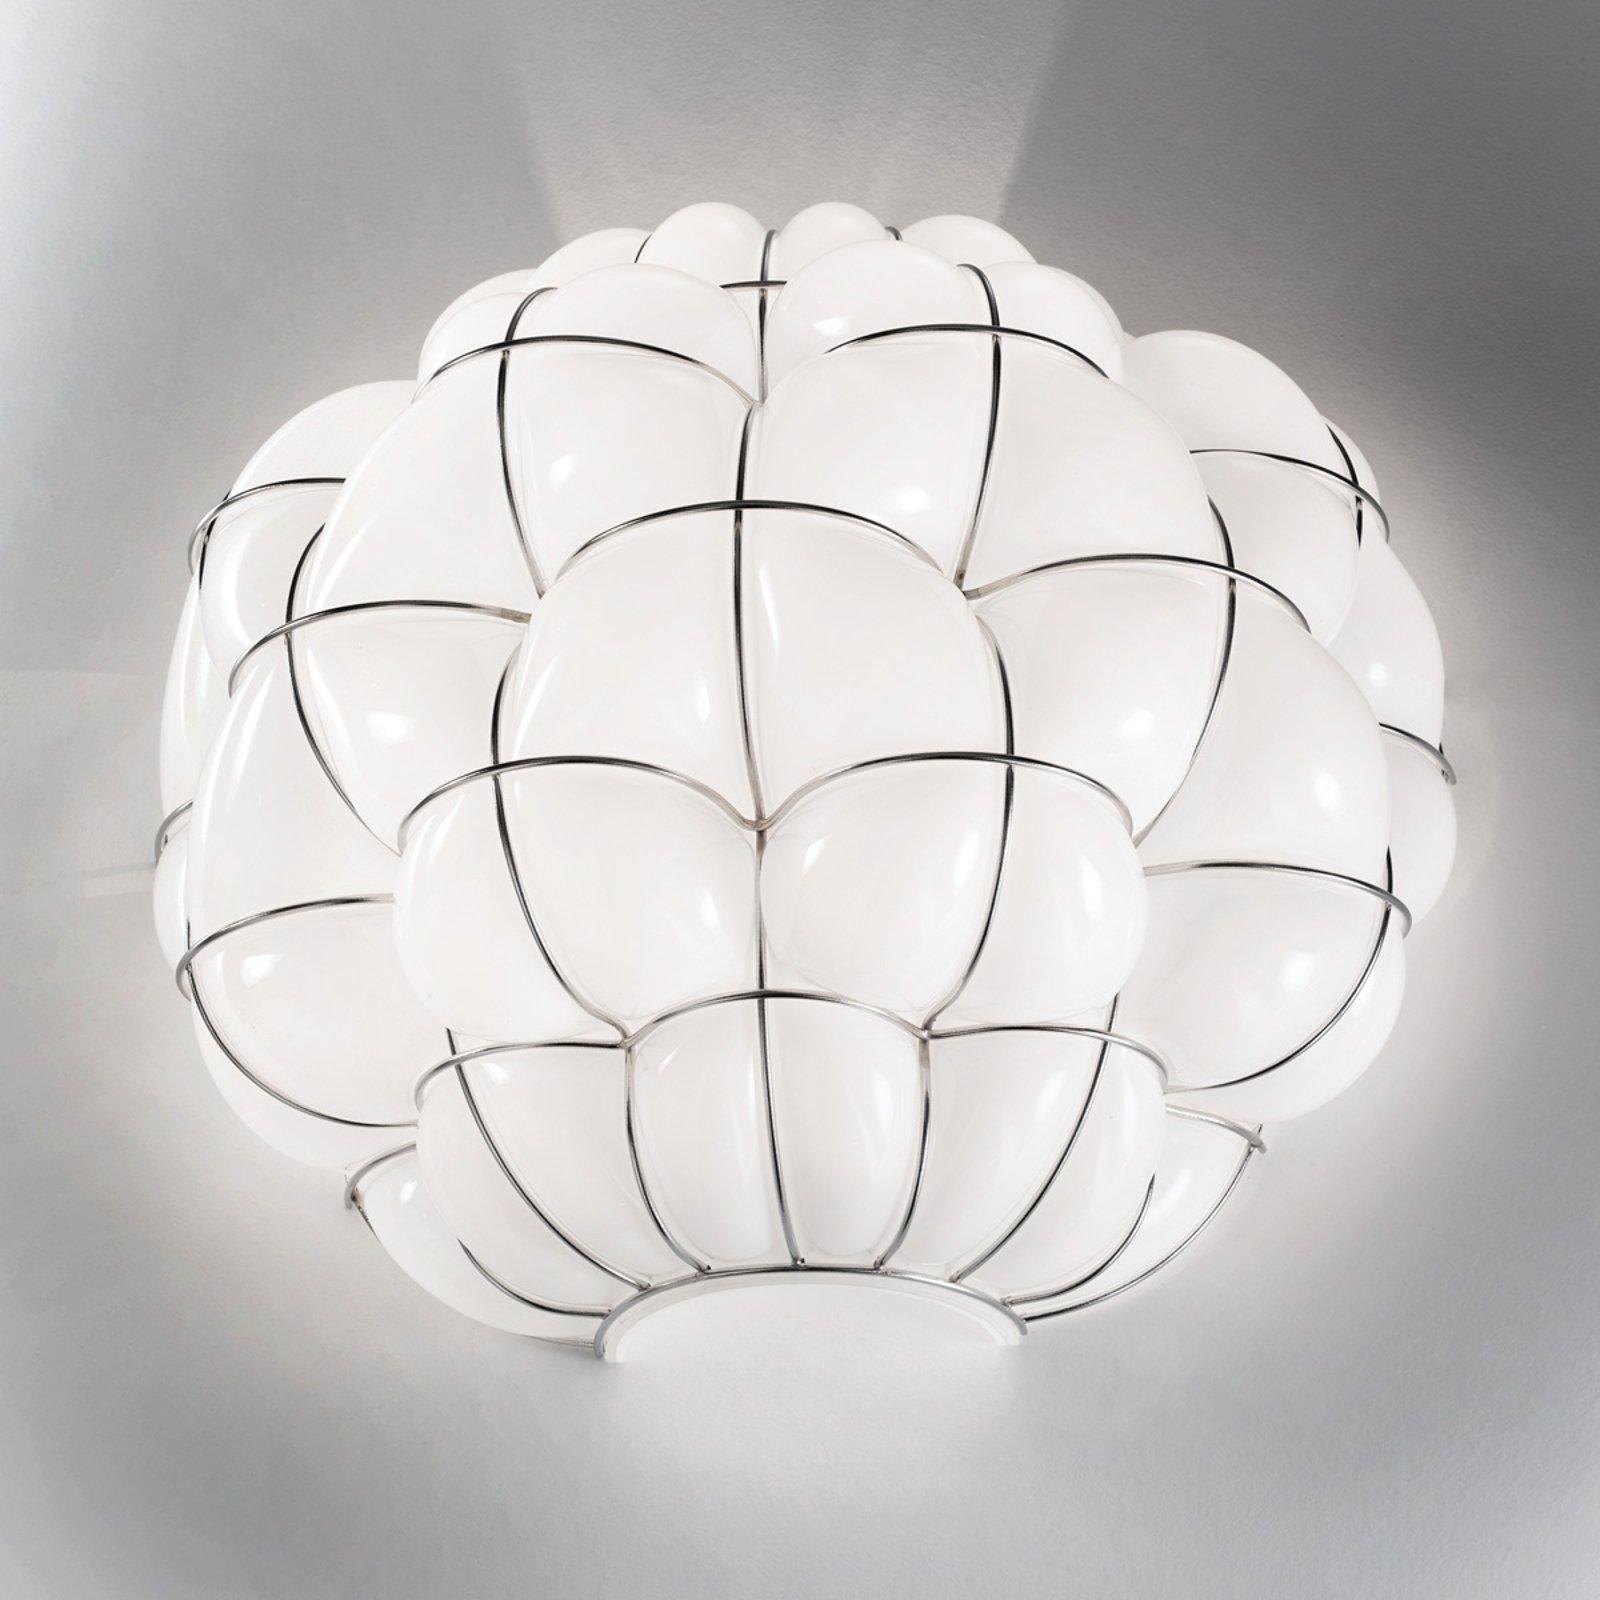 Vegglampe Pouff i hvitt og rustfritt stål